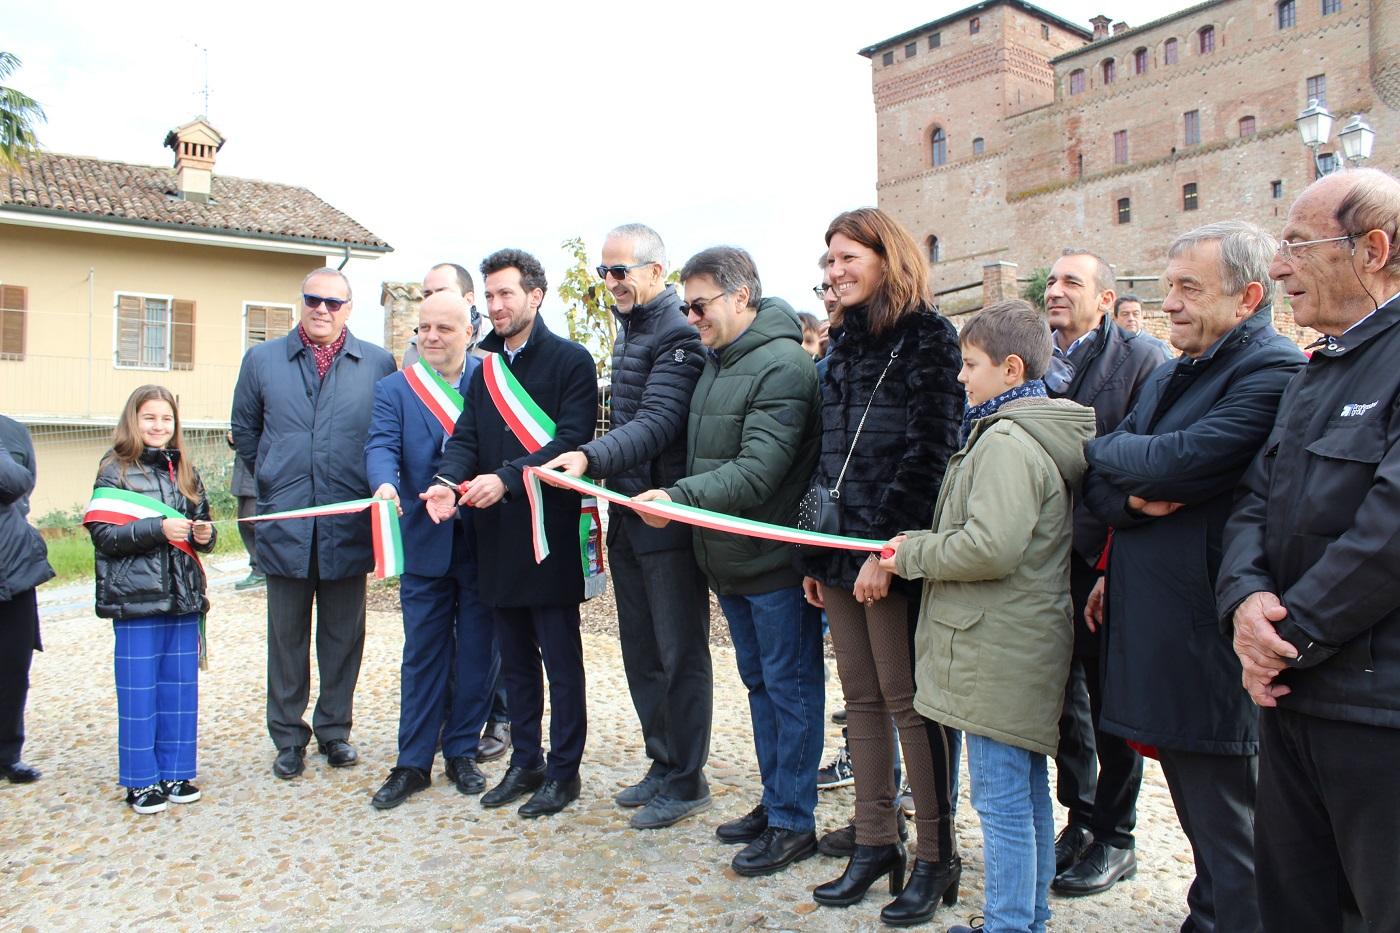 Photo of Grinzane, un nuovo belvedere Unesco a due passi dal castello e dalla vigna di Cavour